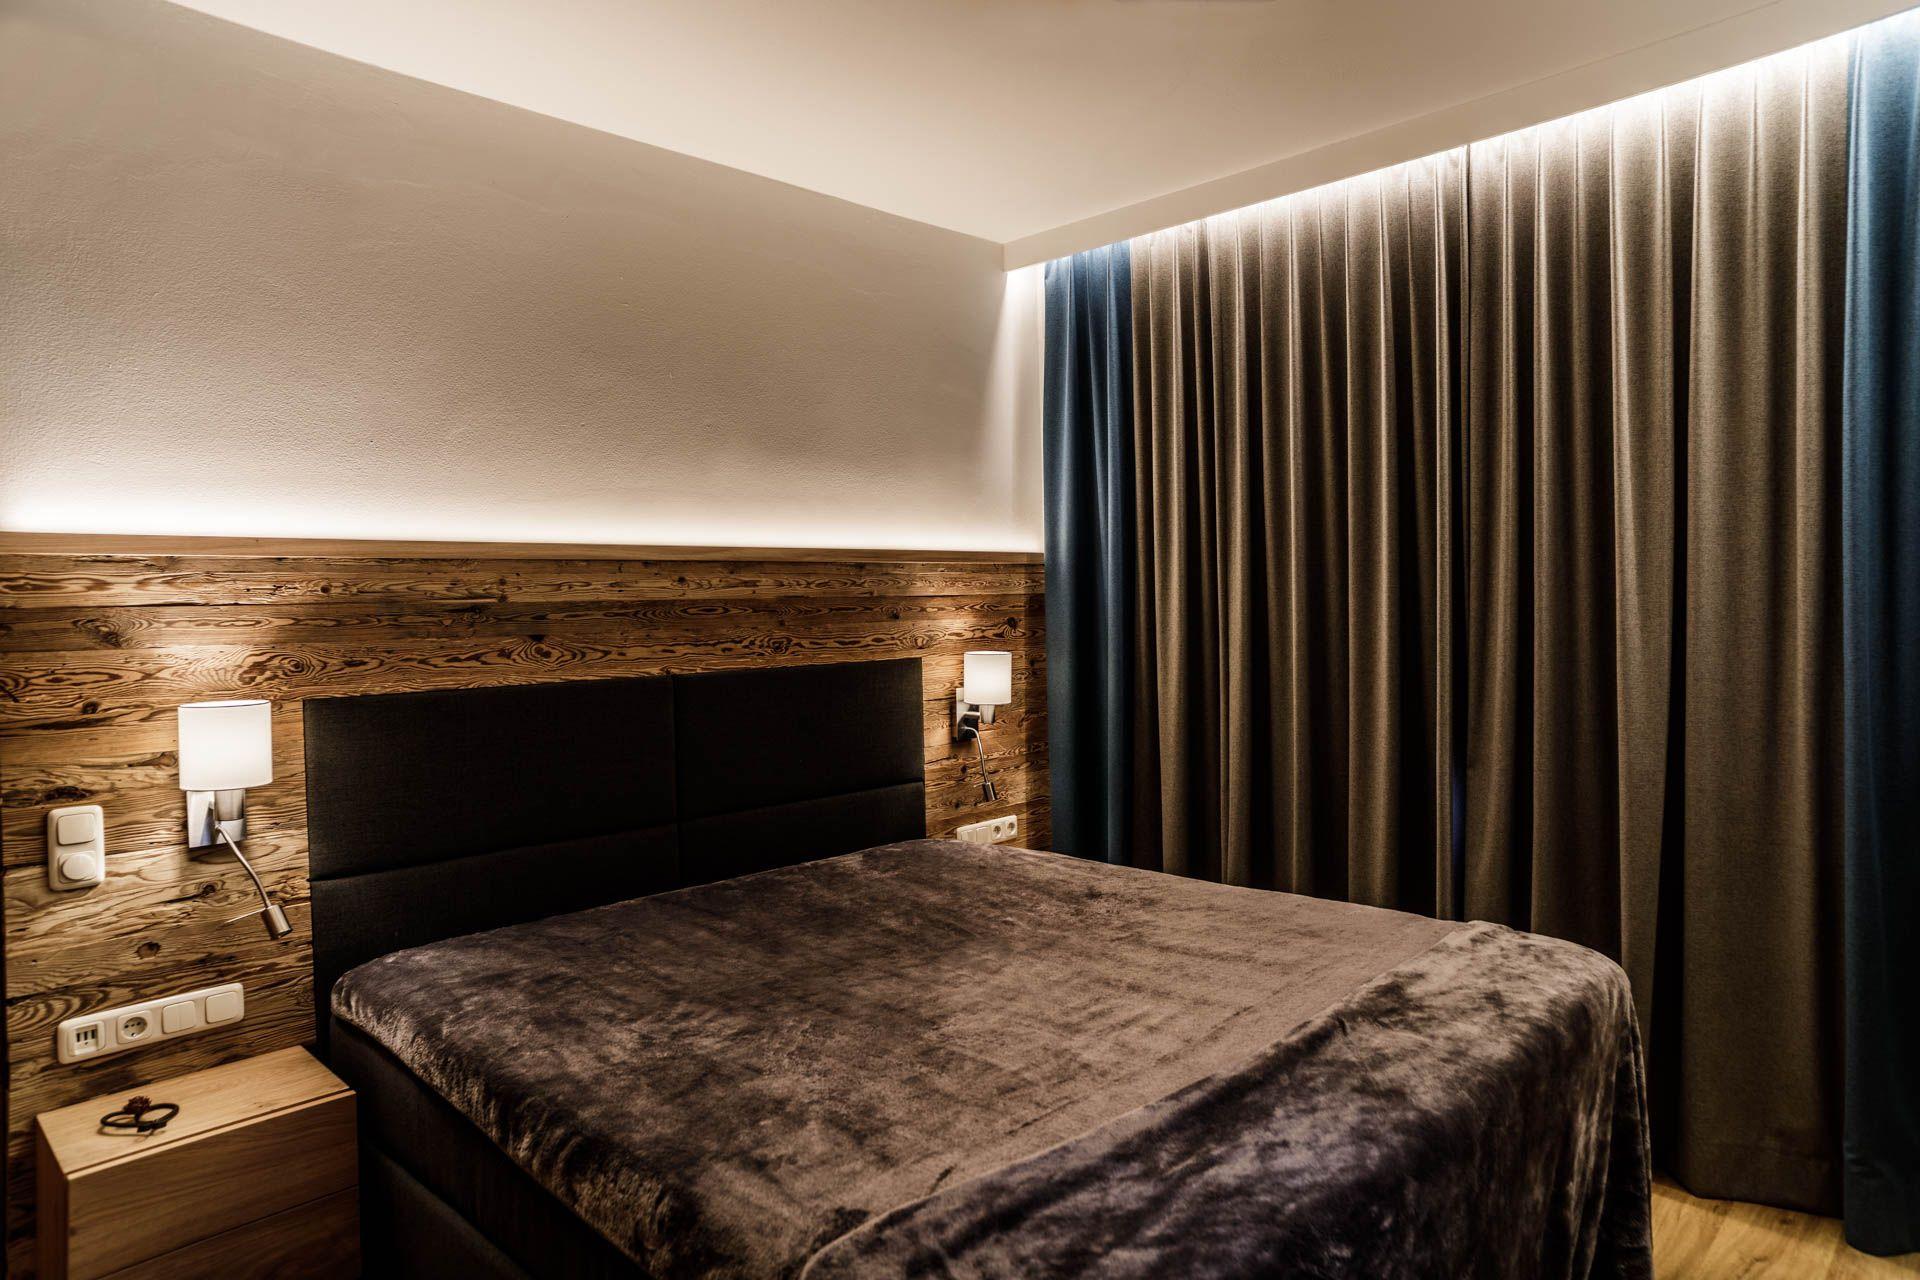 Akzentbeleuchtung Im Schlafzimmer Durch Indirekte Led Lichtleiste Led Lichtleiste Beleuchtung Lichtleiste